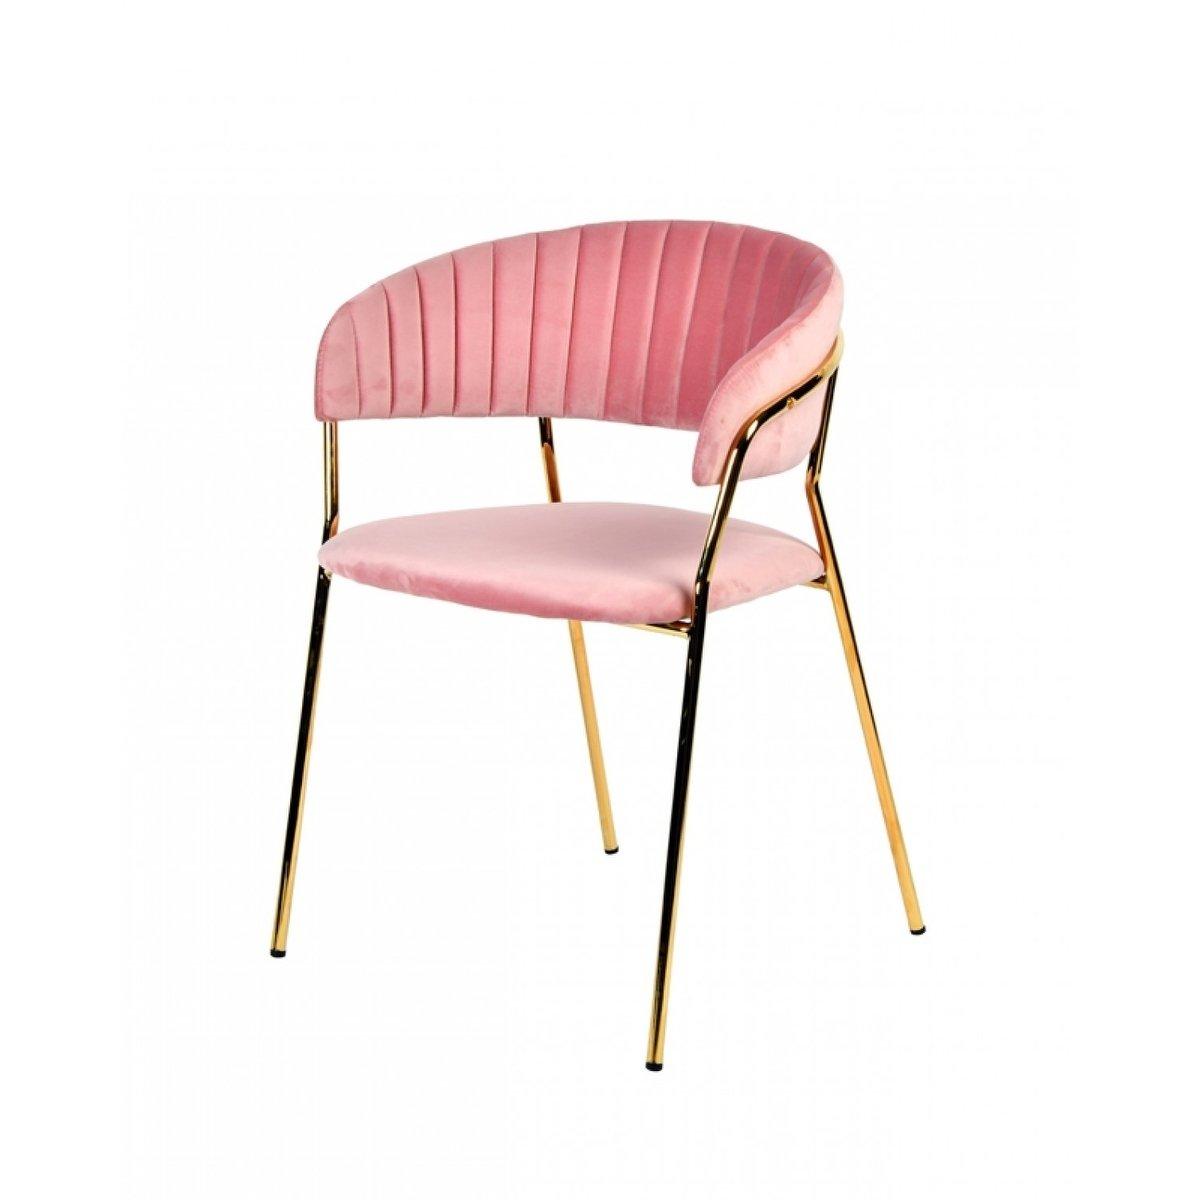 Modrest-Brandy-Modern-Pink-Velour-Dining-Chair-Set-of-2-18eb212b-d142-4545-b327-321512568a48.jpg